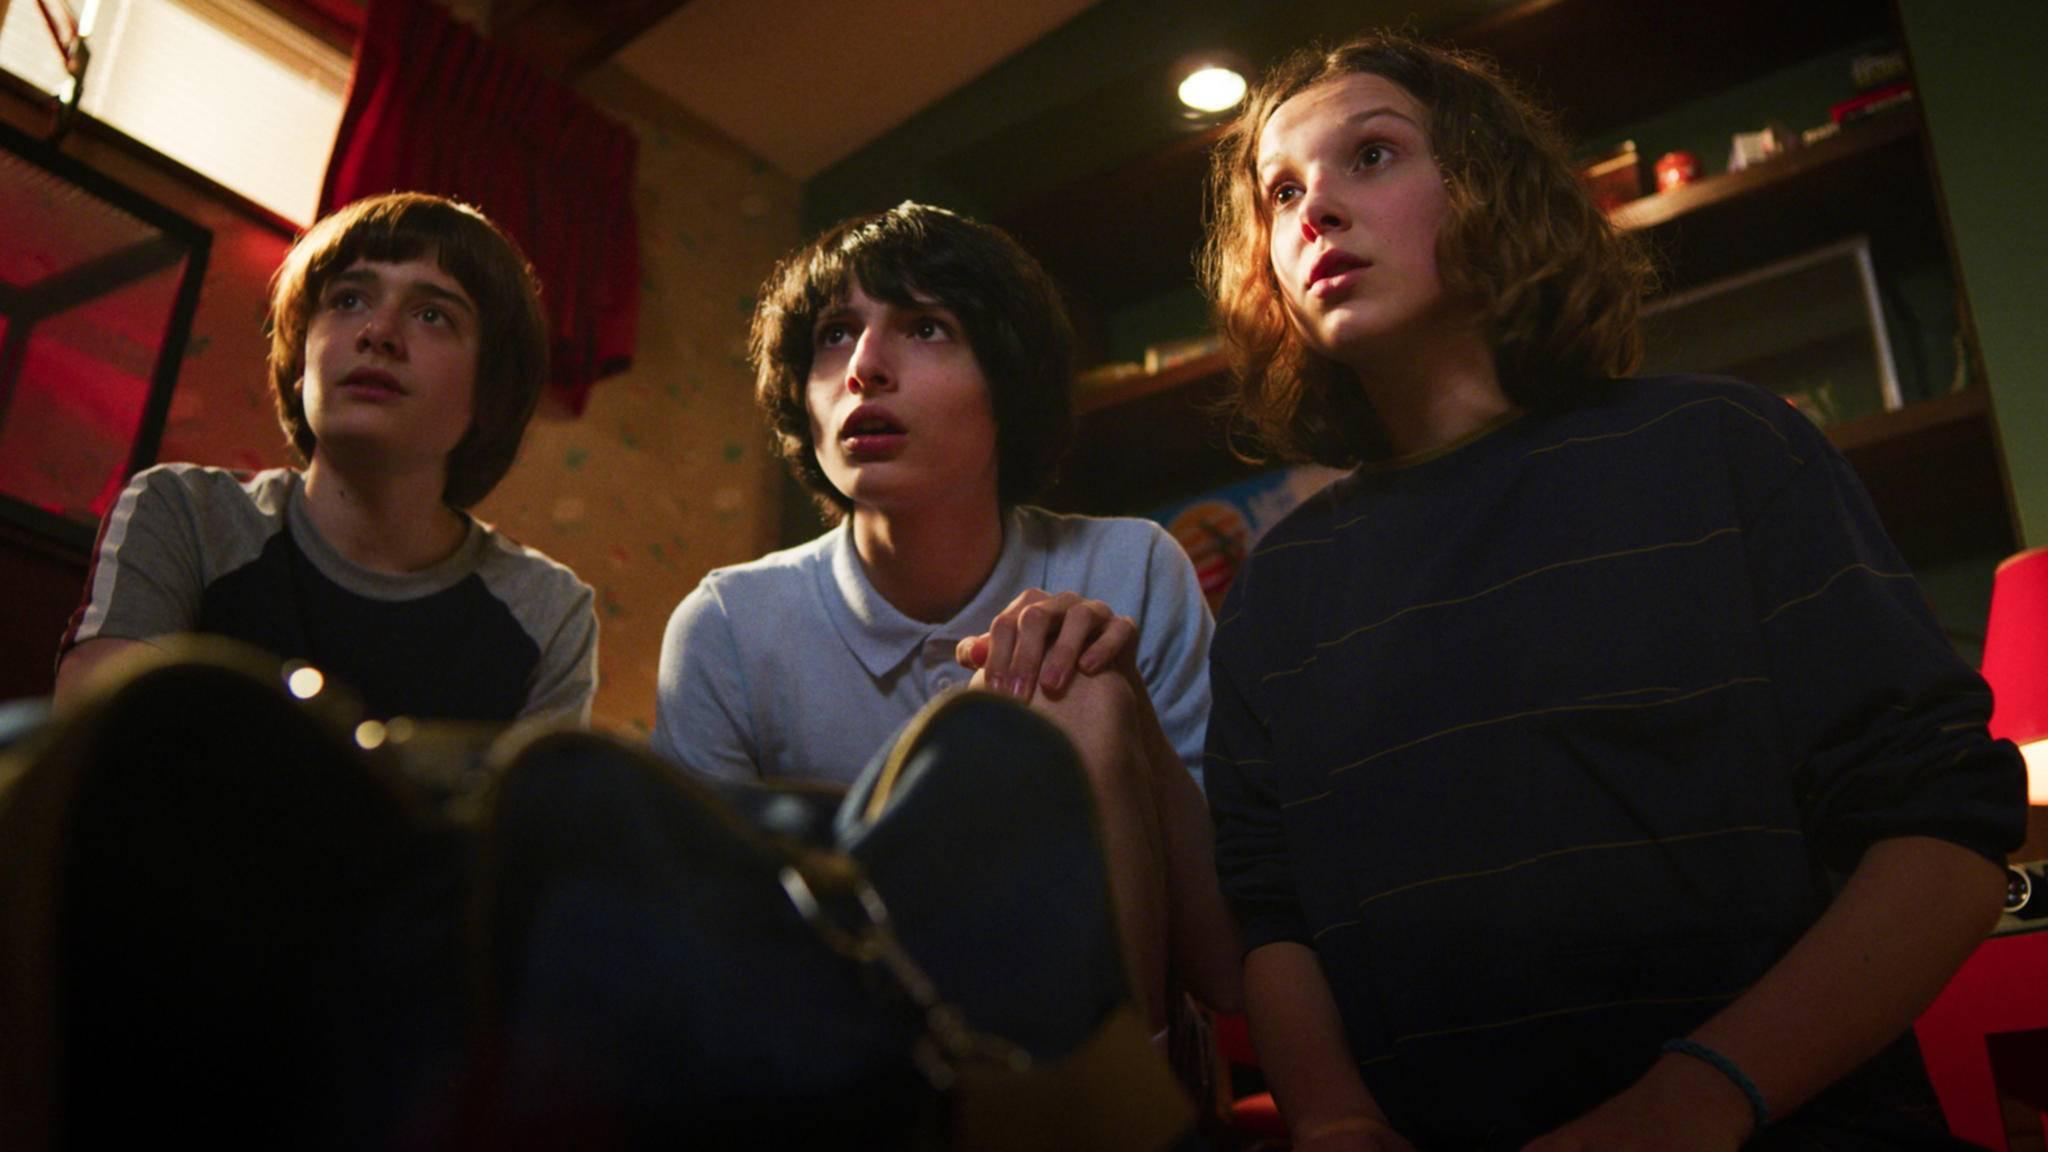 """Erzähl mir mehr! """"Stranger Things""""-Star Millie Bobby Brown (rechts im Bild) soll für """"Marvel's The Eternals"""" im Gespräch sein!"""